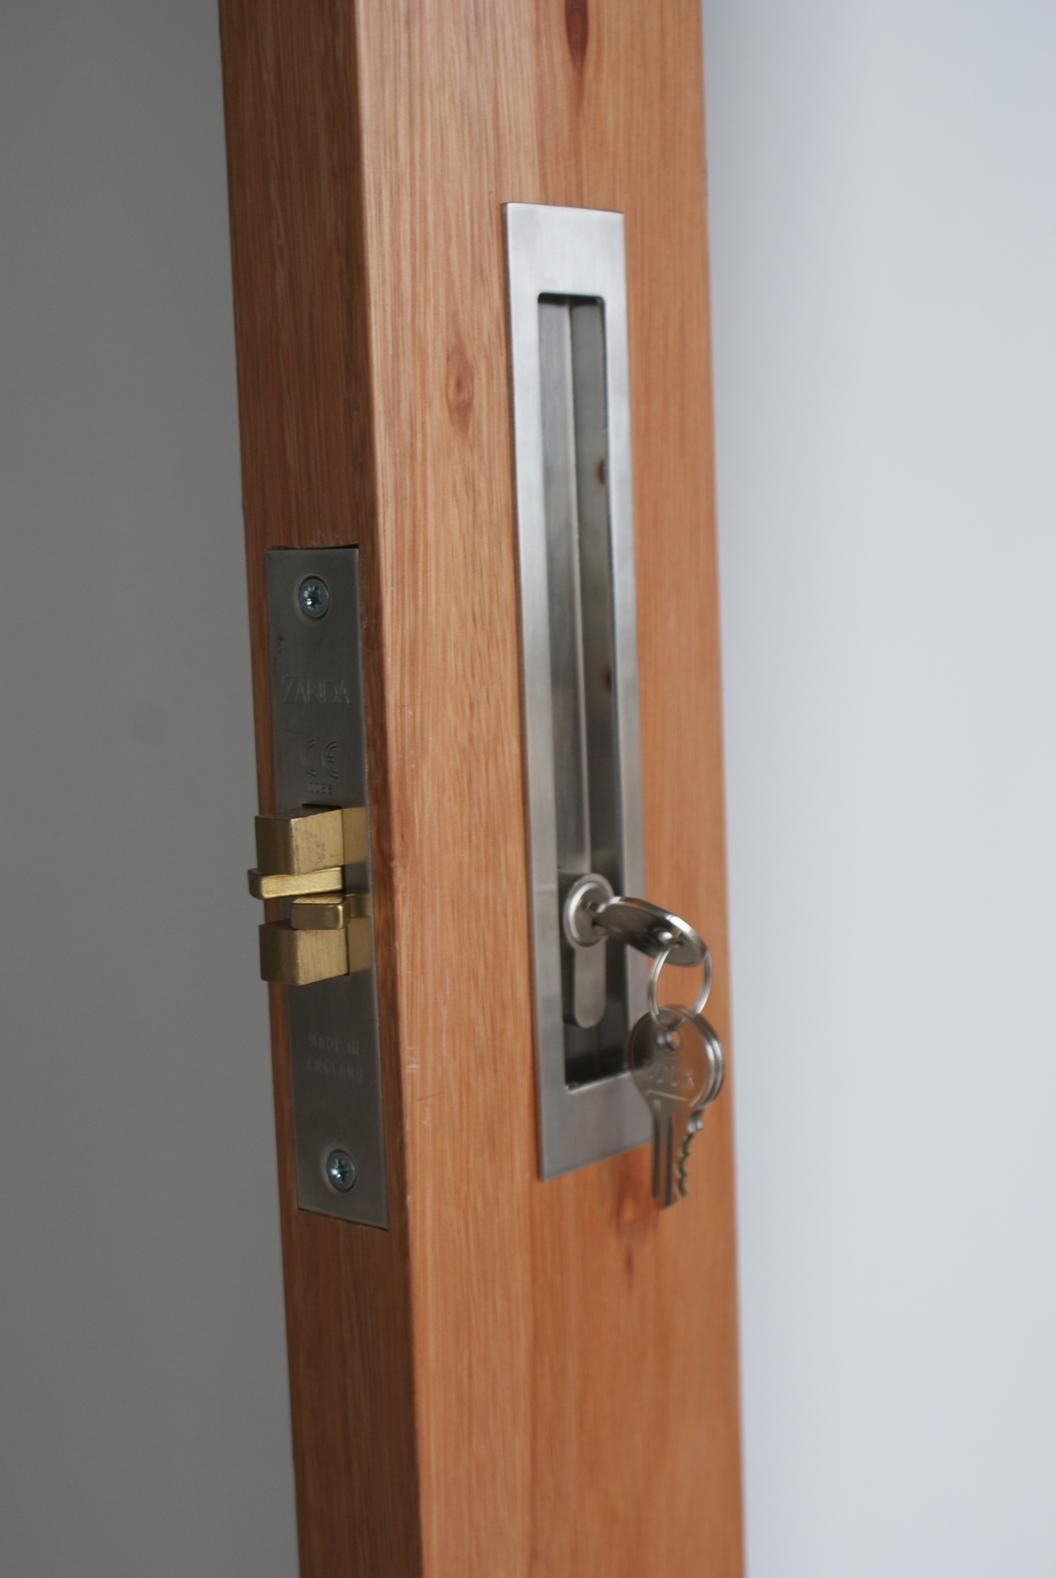 Available In Matt Black Verve Sliding Door Lock Kits